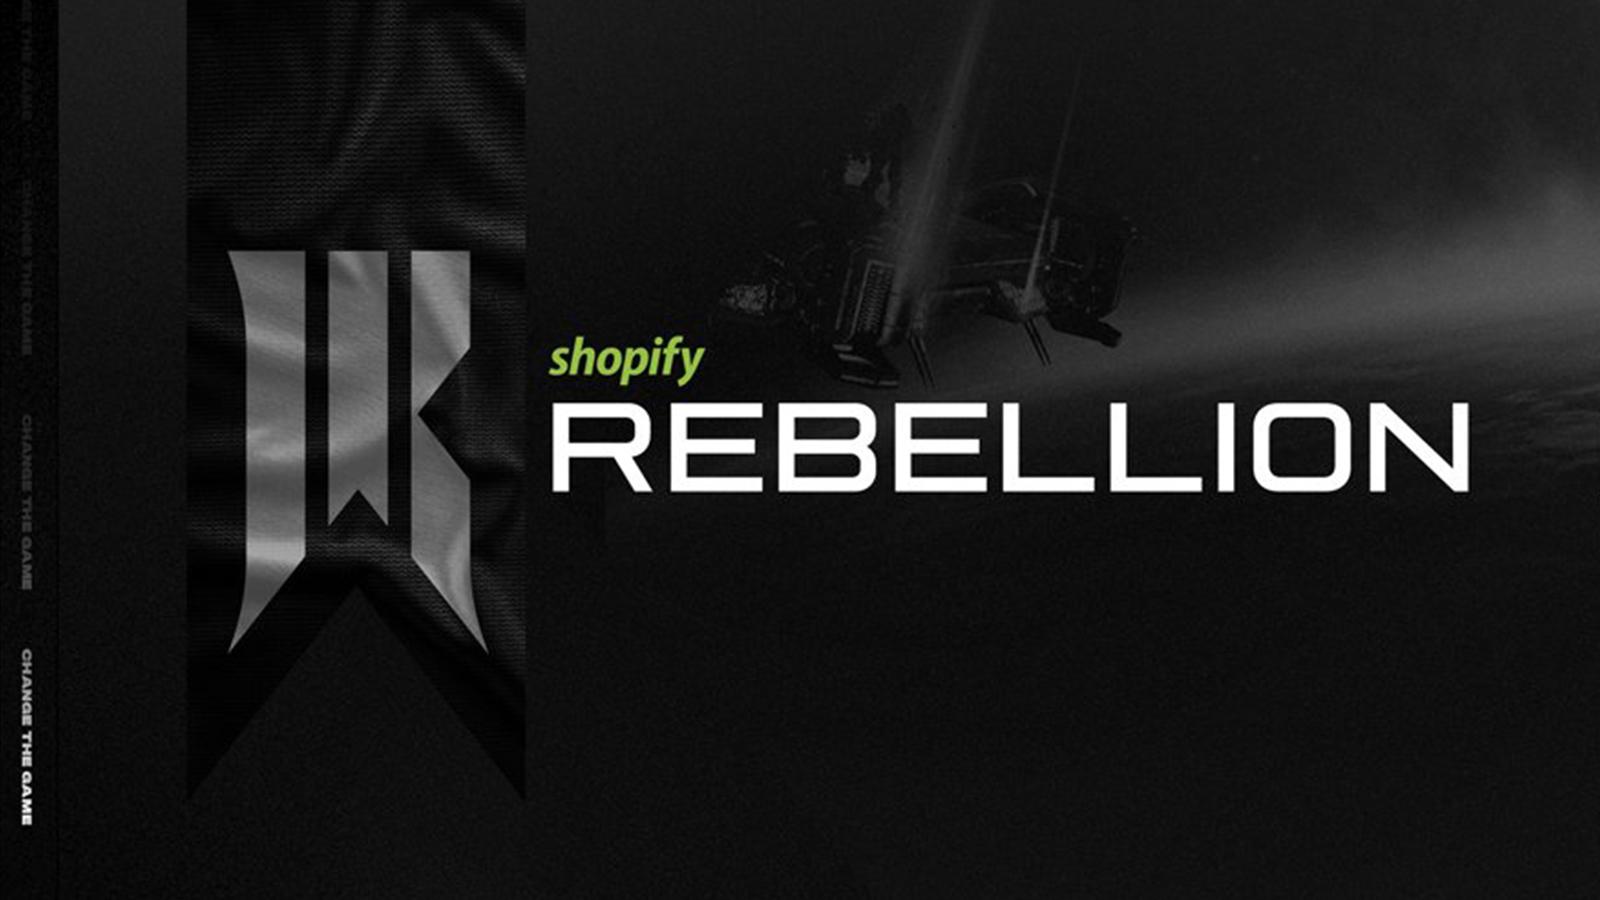 Shopify Rebellion logo